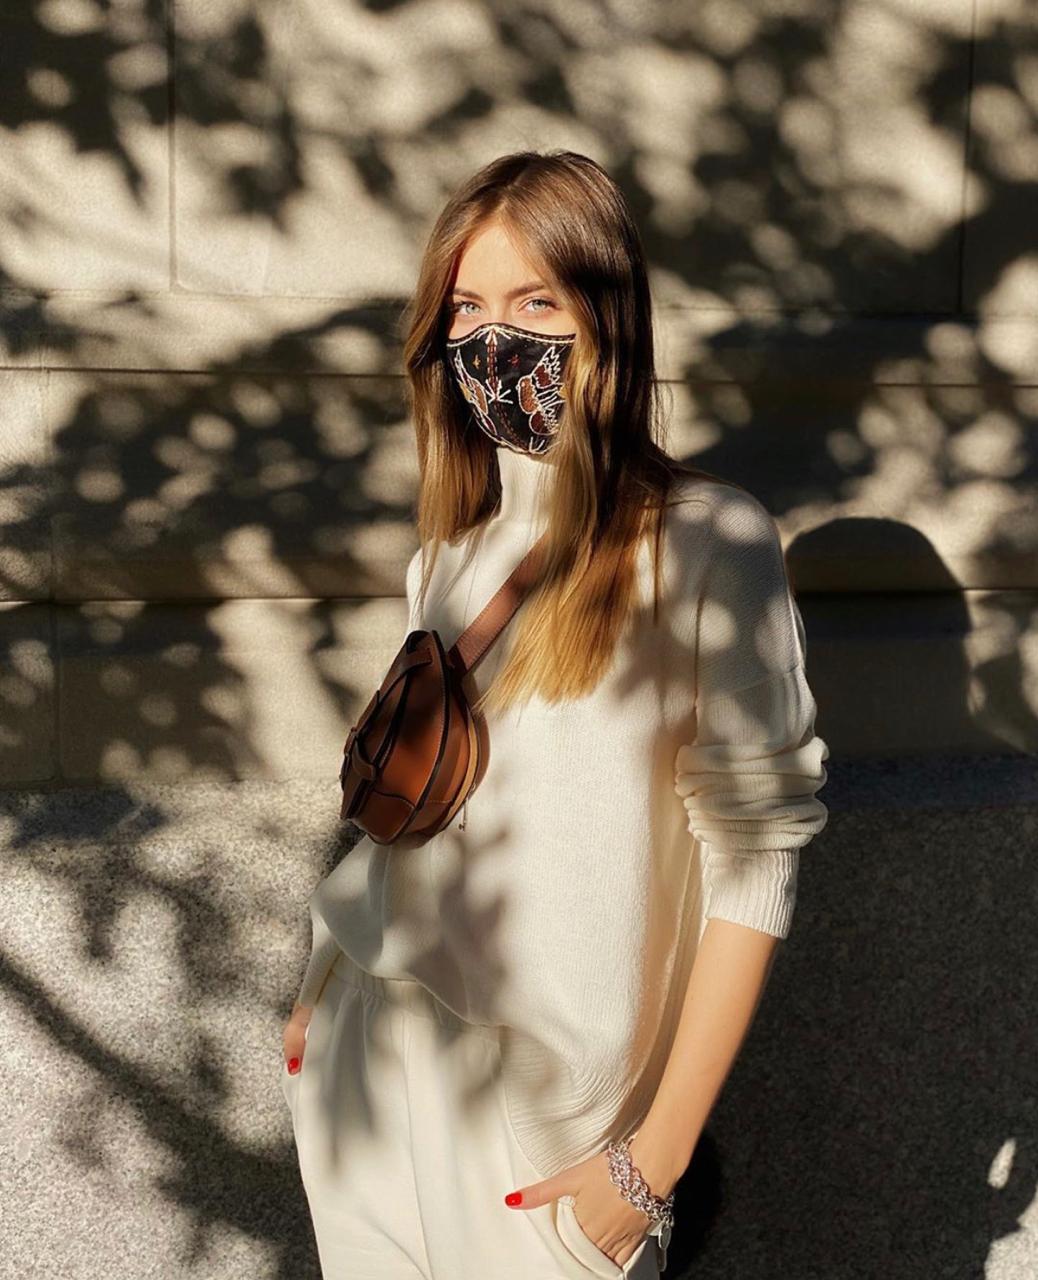 На примере нового поколения: как одеваться молодежи, чтобы быть в тренде